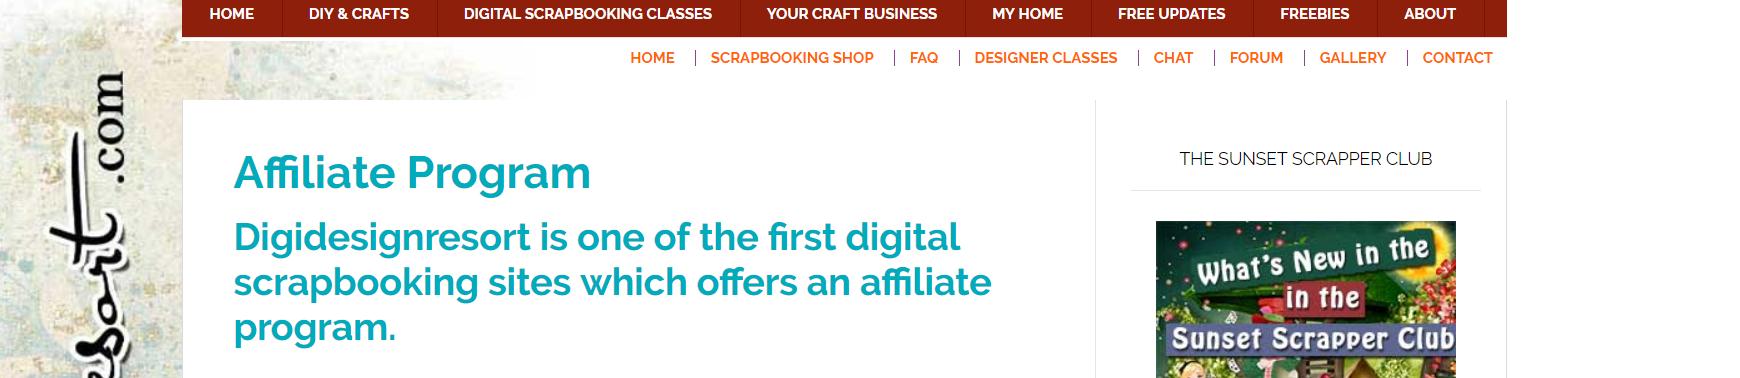 DigiDesignResort- Art Affiliate Programs